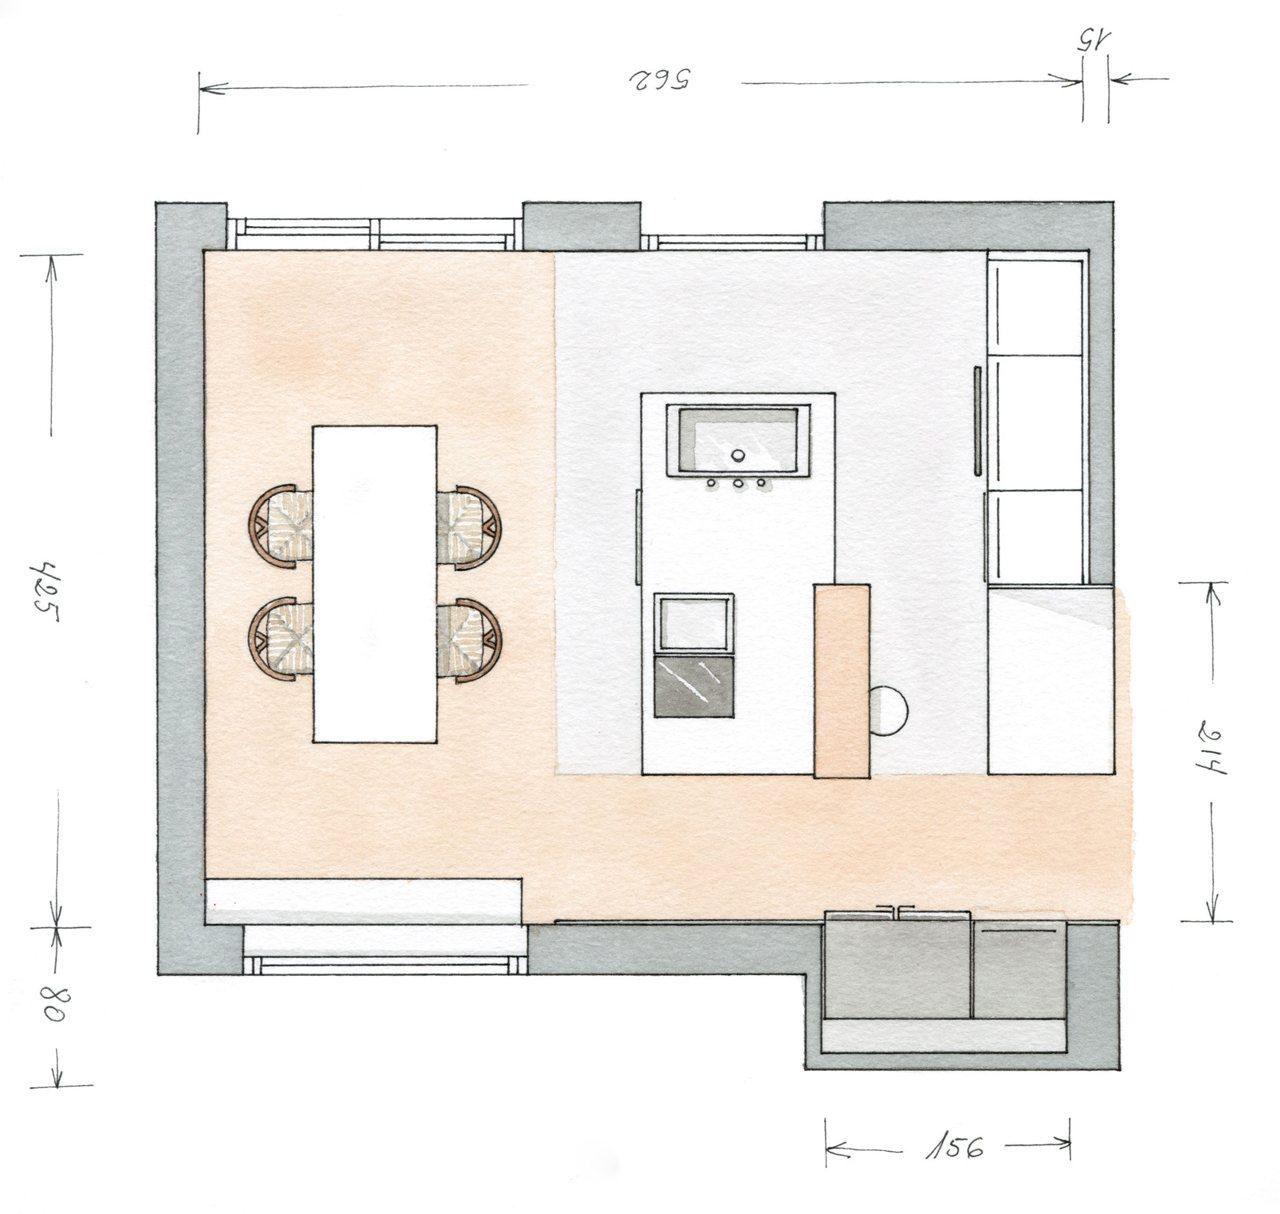 Decotips distribuir la cocina seg n su geometr a for Planos de cocinas 4x4